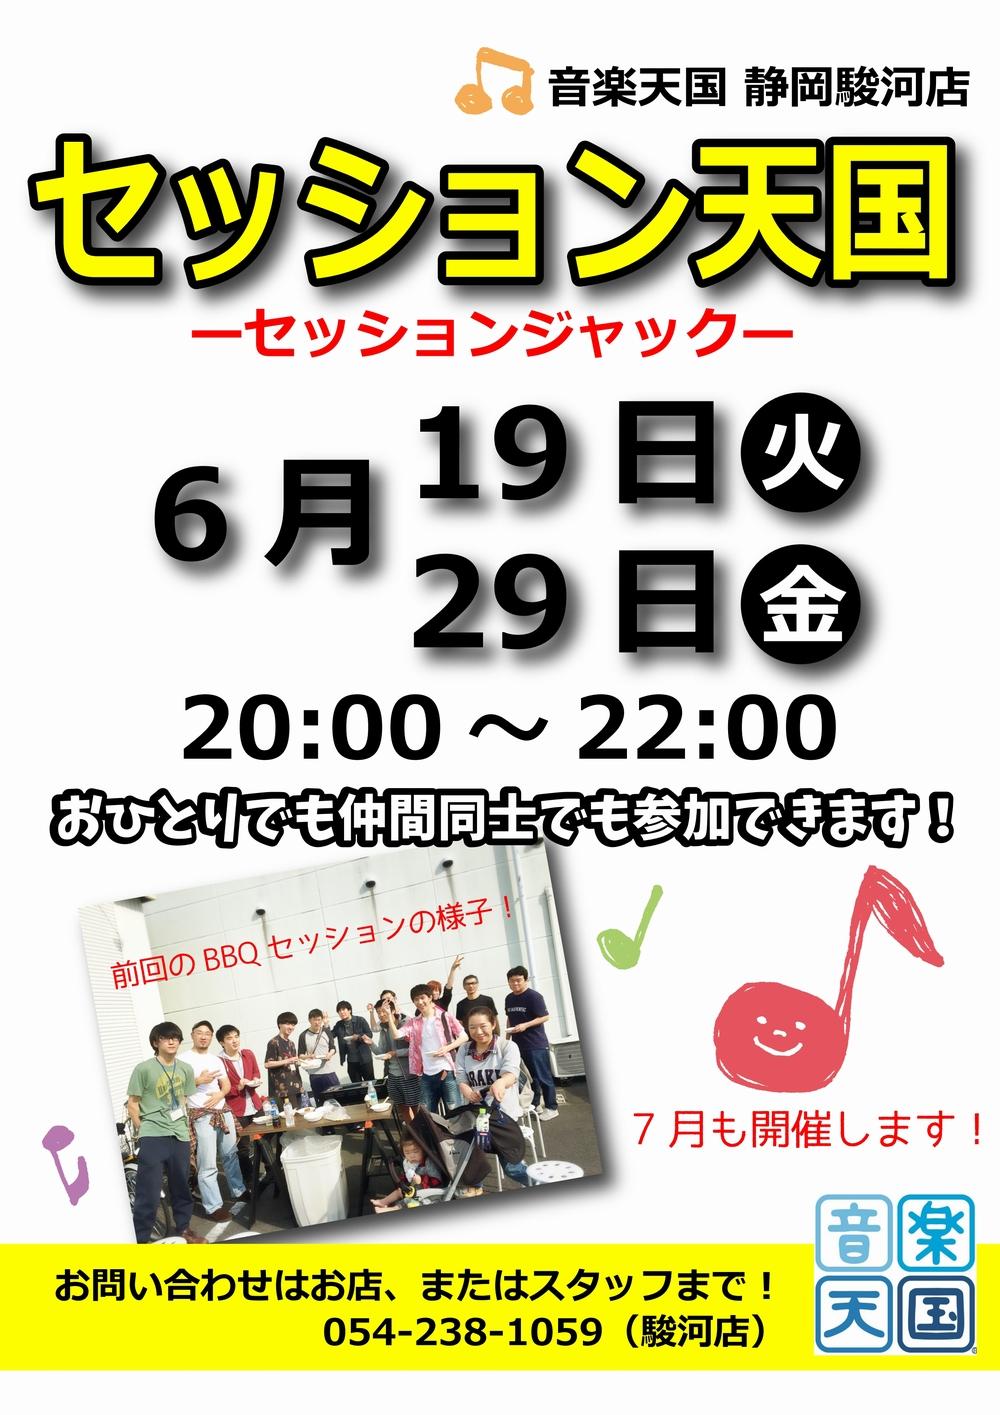 【セッション天国】音楽天国・静岡駿河店6月19日(火)・29日(金)開催